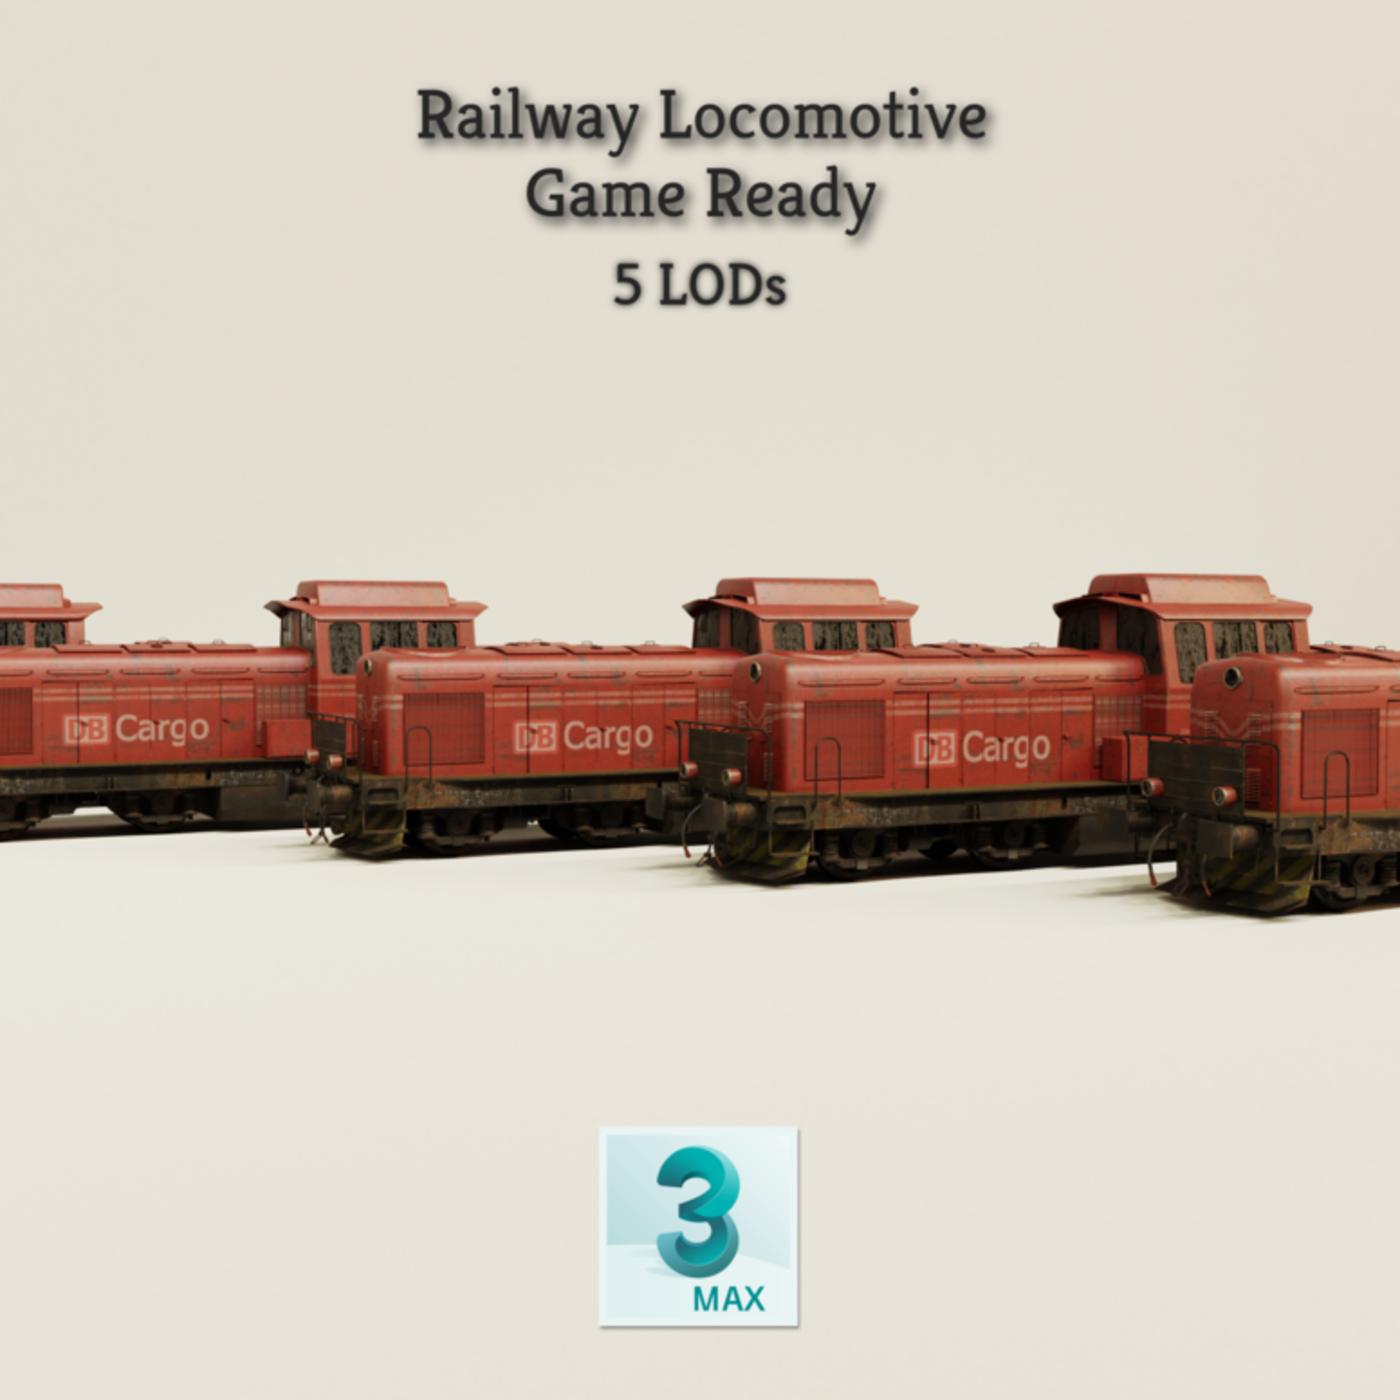 Railway Locomotive